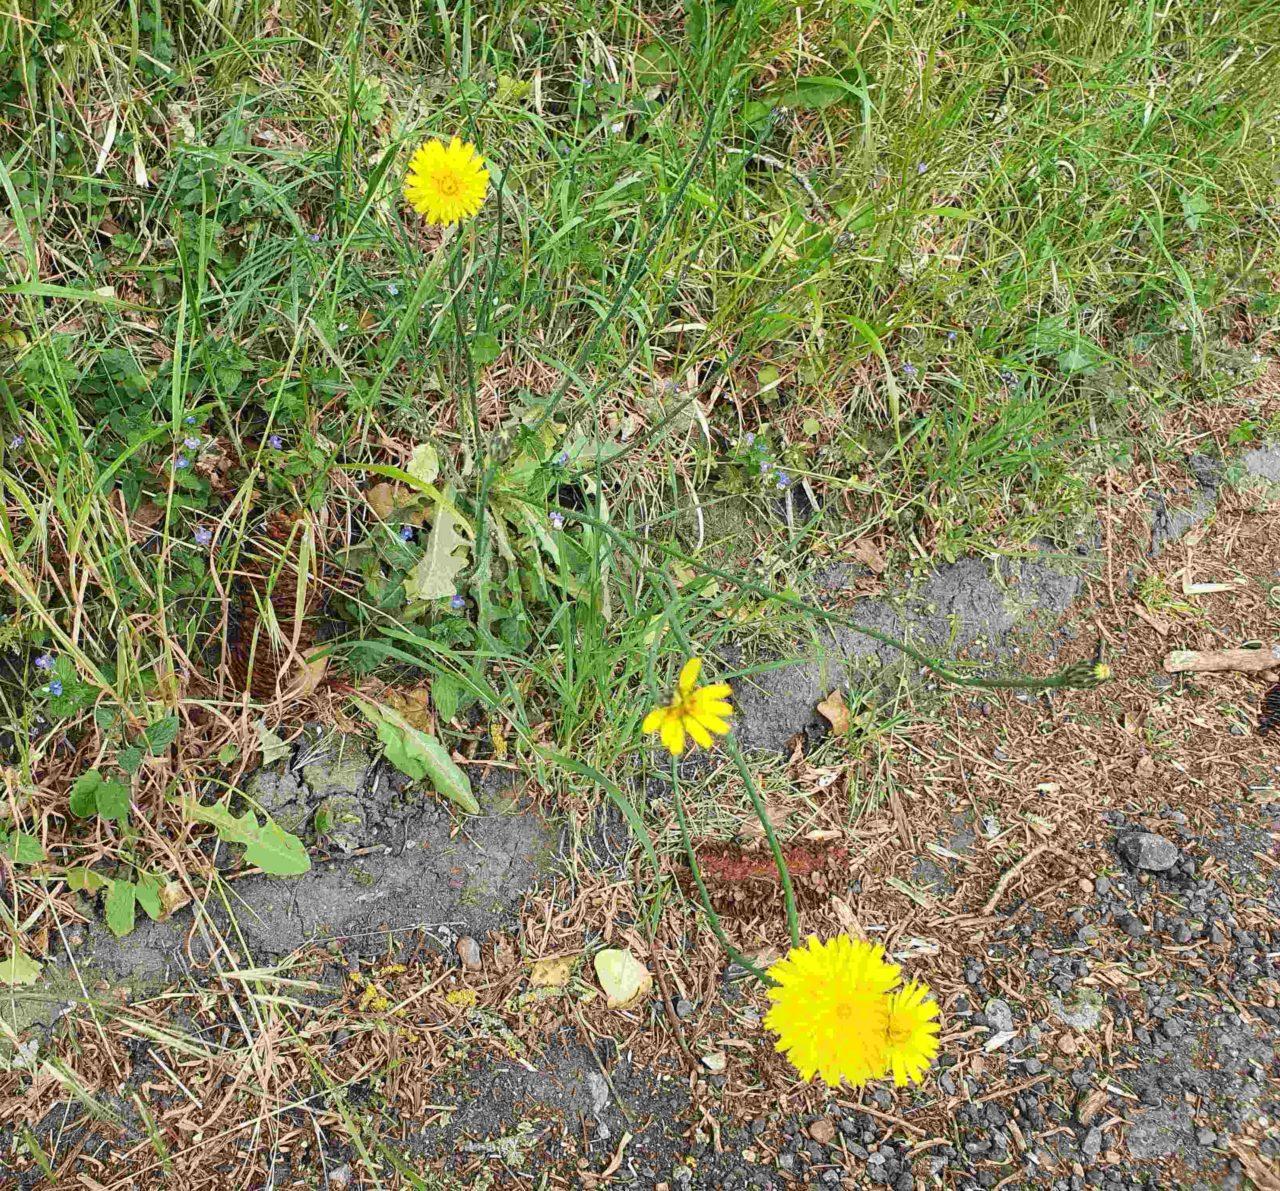 dandelions on a grassy kerb